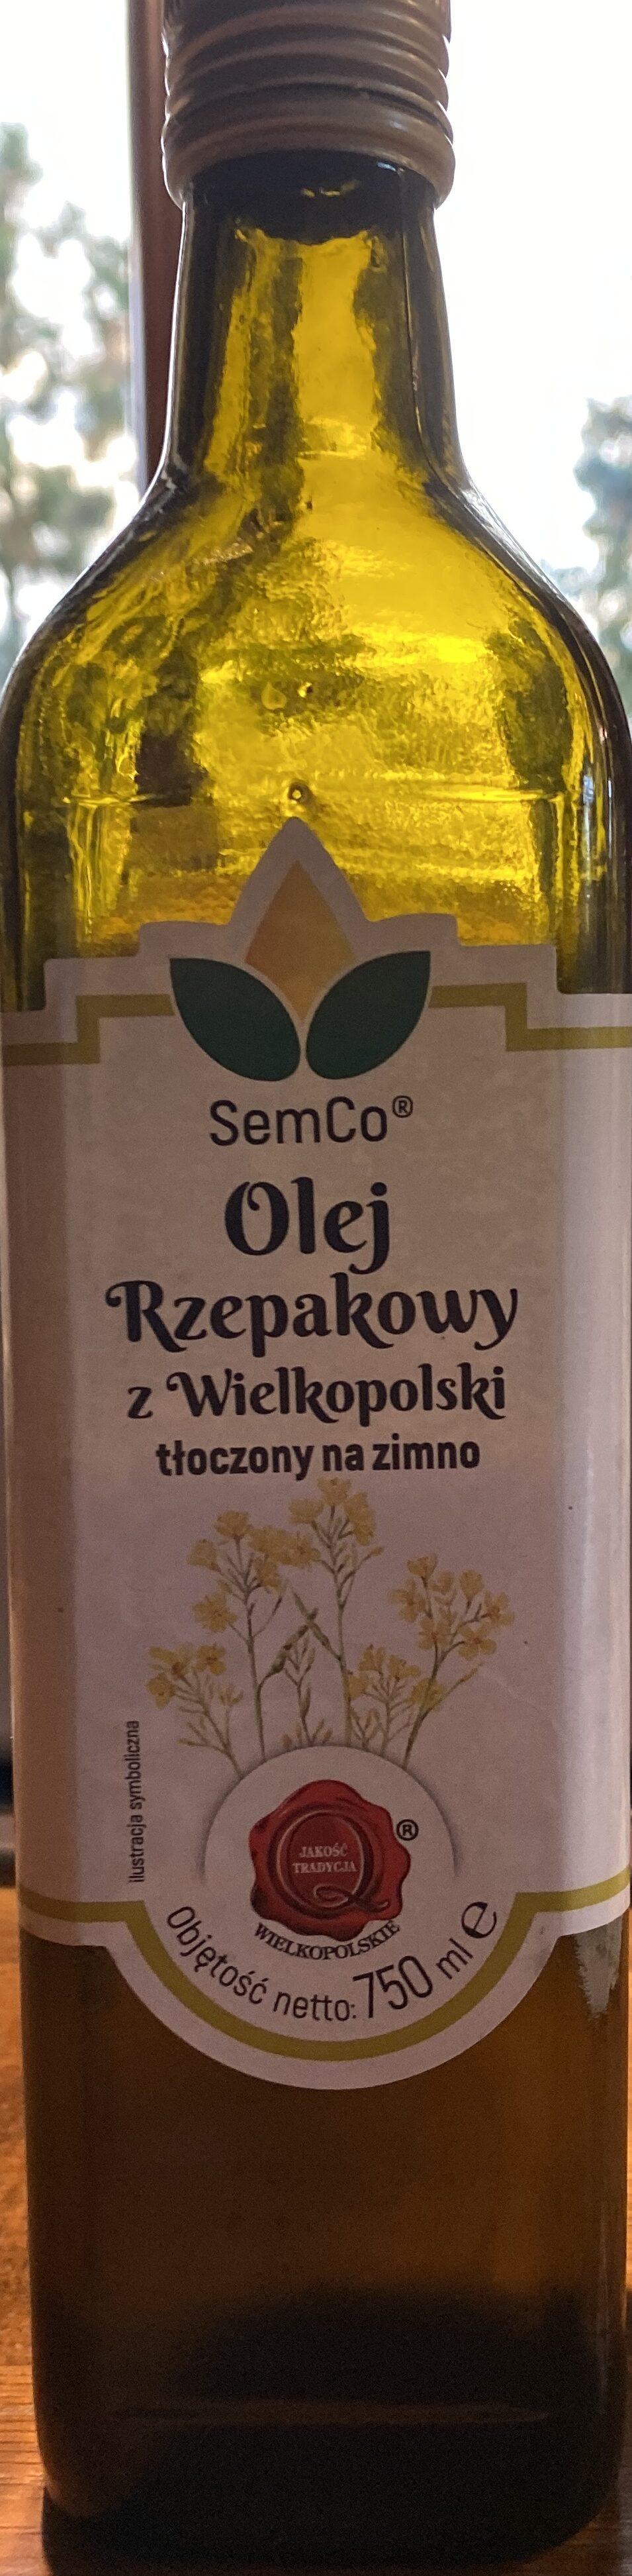 Olej rzepakowy - Product - pl